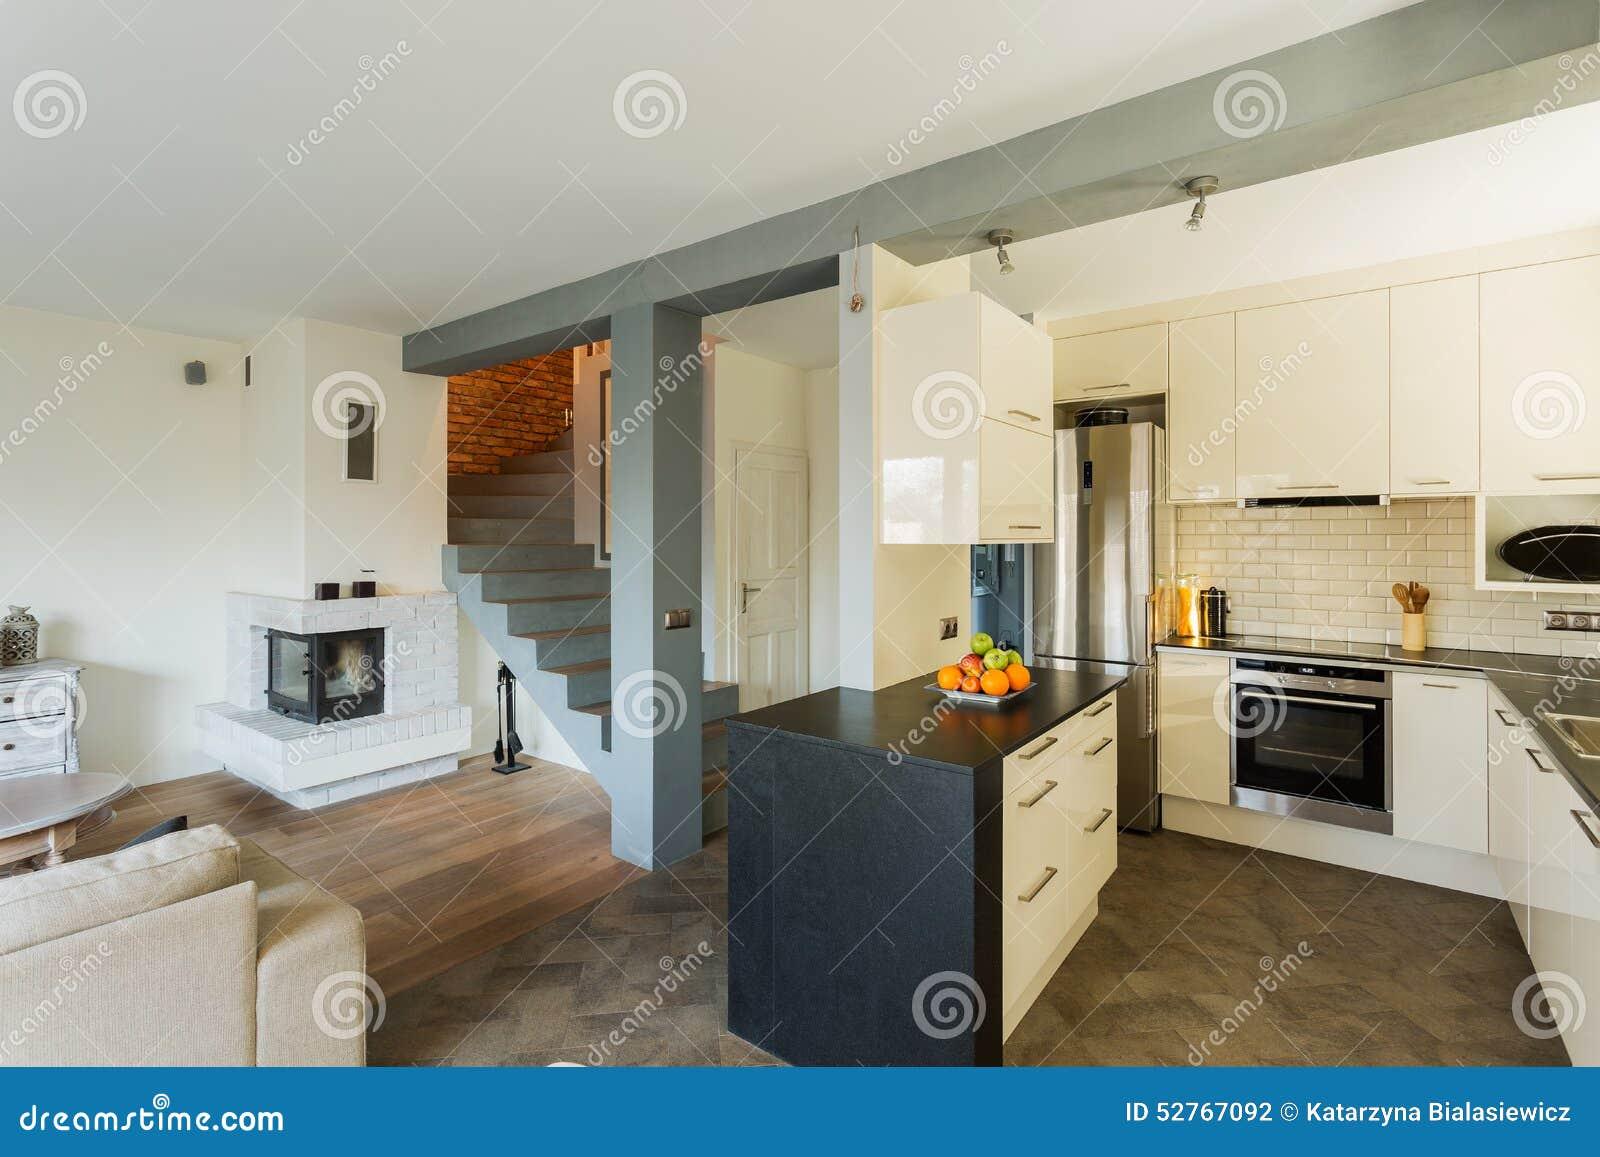 ffnen sie k che und wohnzimmer stockfoto bild 52767092. Black Bedroom Furniture Sets. Home Design Ideas